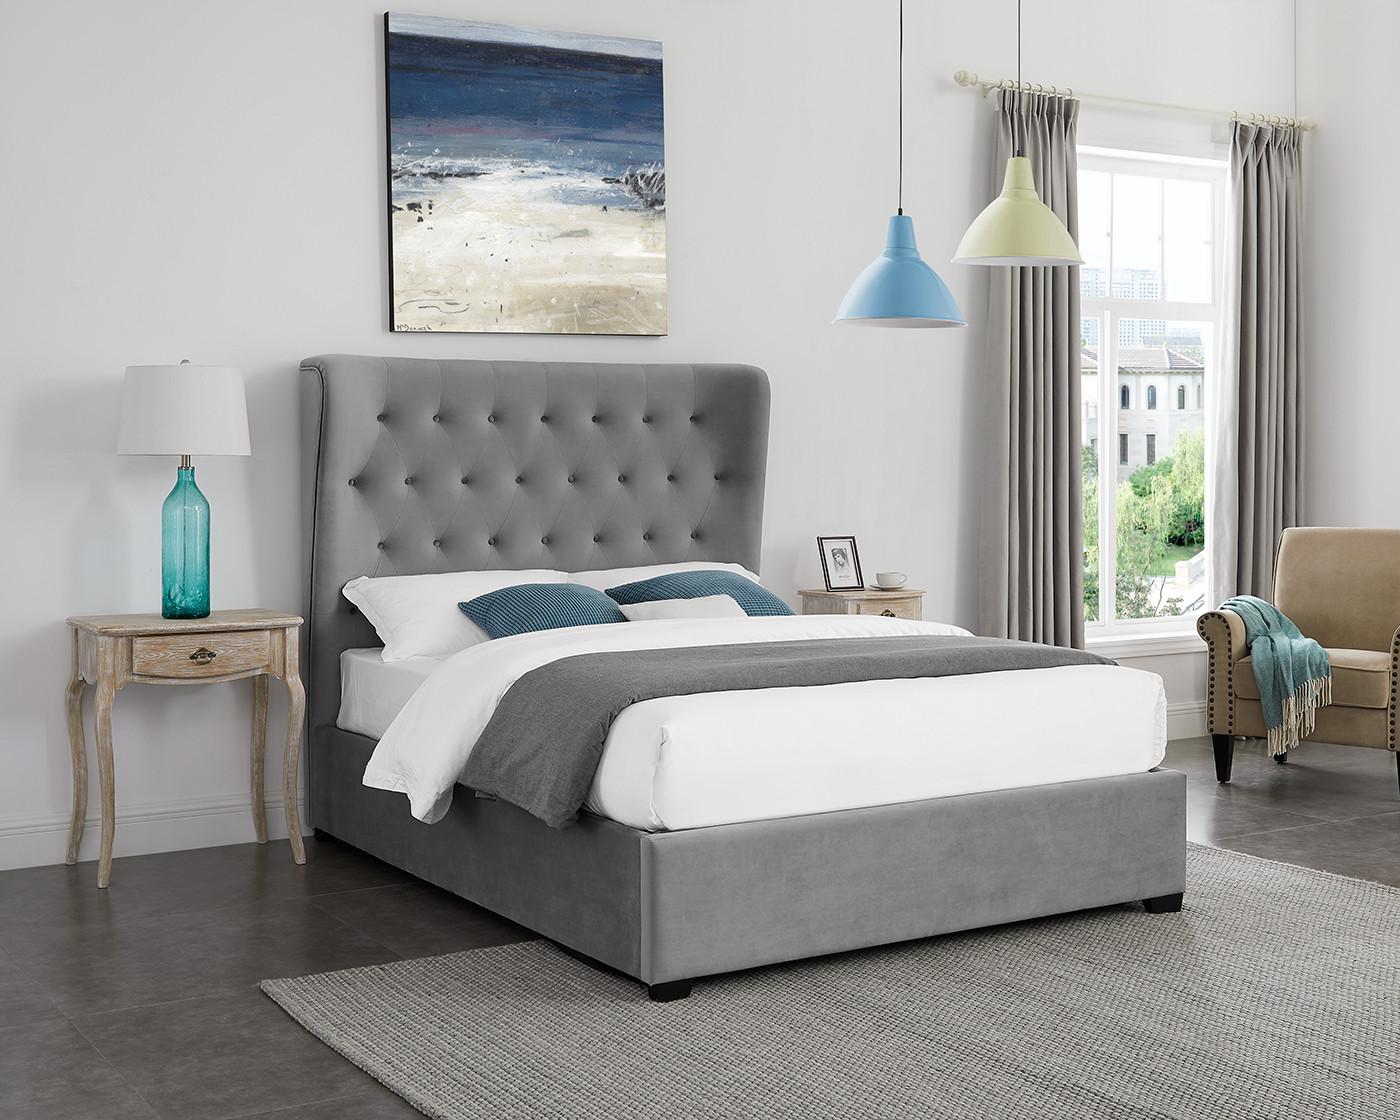 Belgravia Grey Double Bed - Double Beds - Beds - Bedroom ...